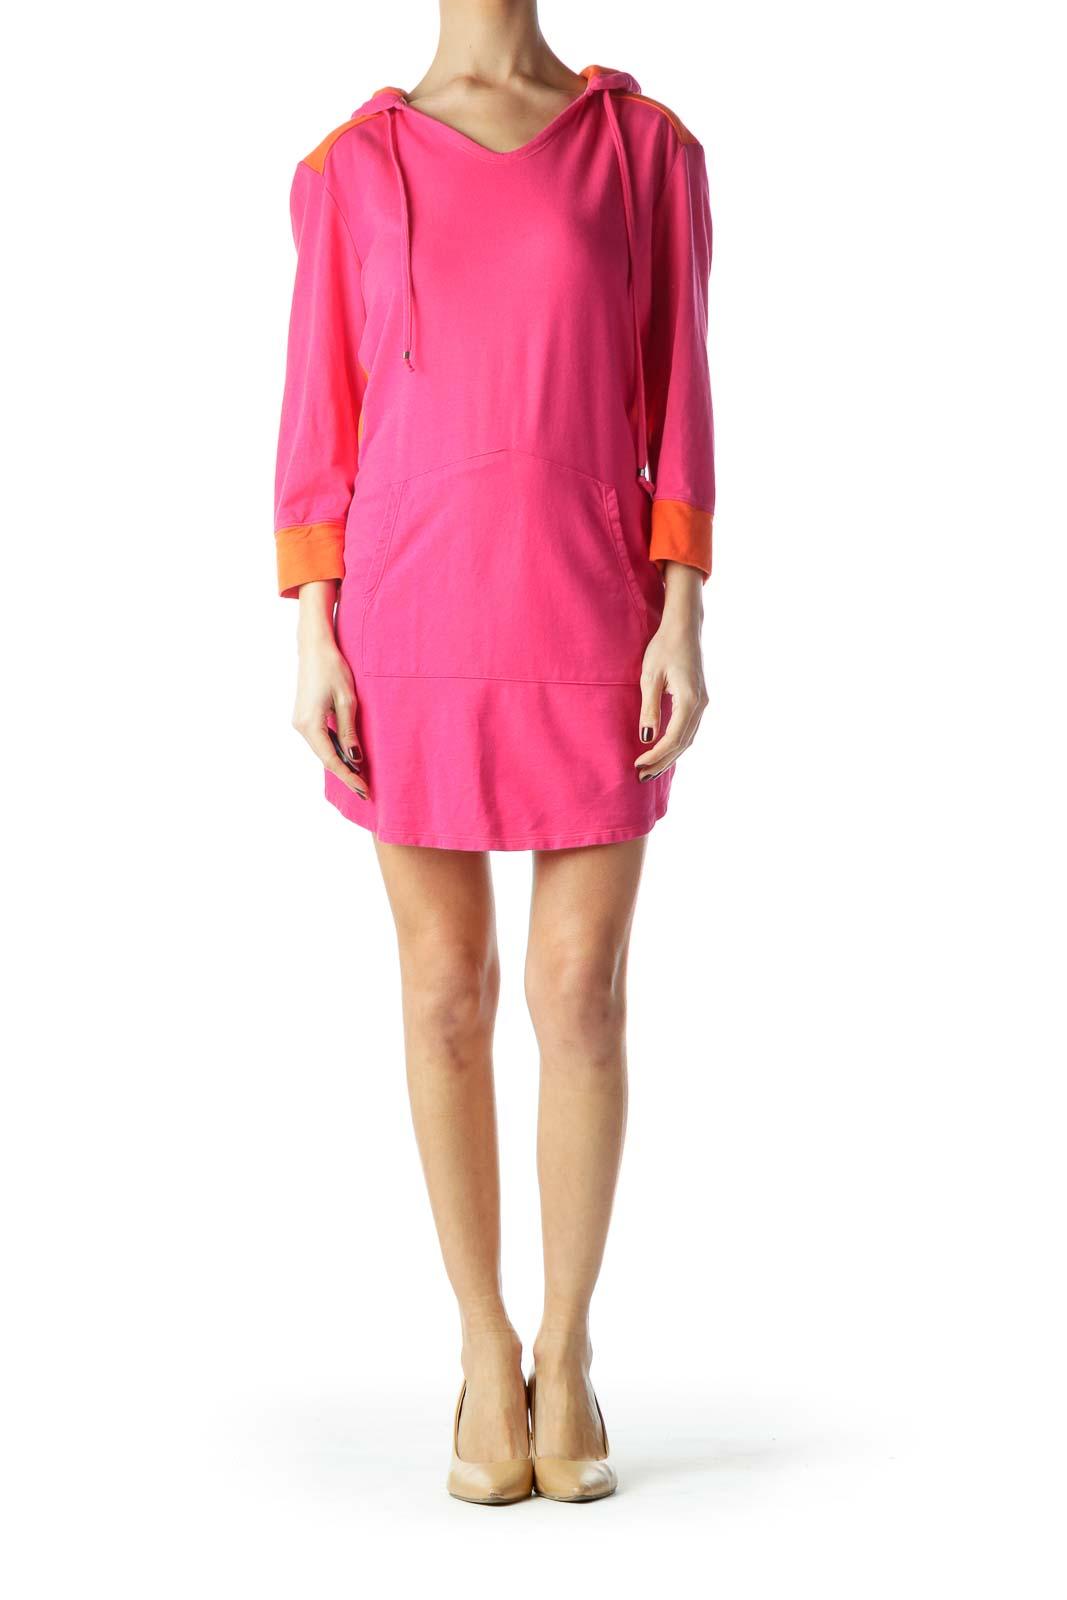 Hot Pink Orange Color Block Pullover Hooded Dress